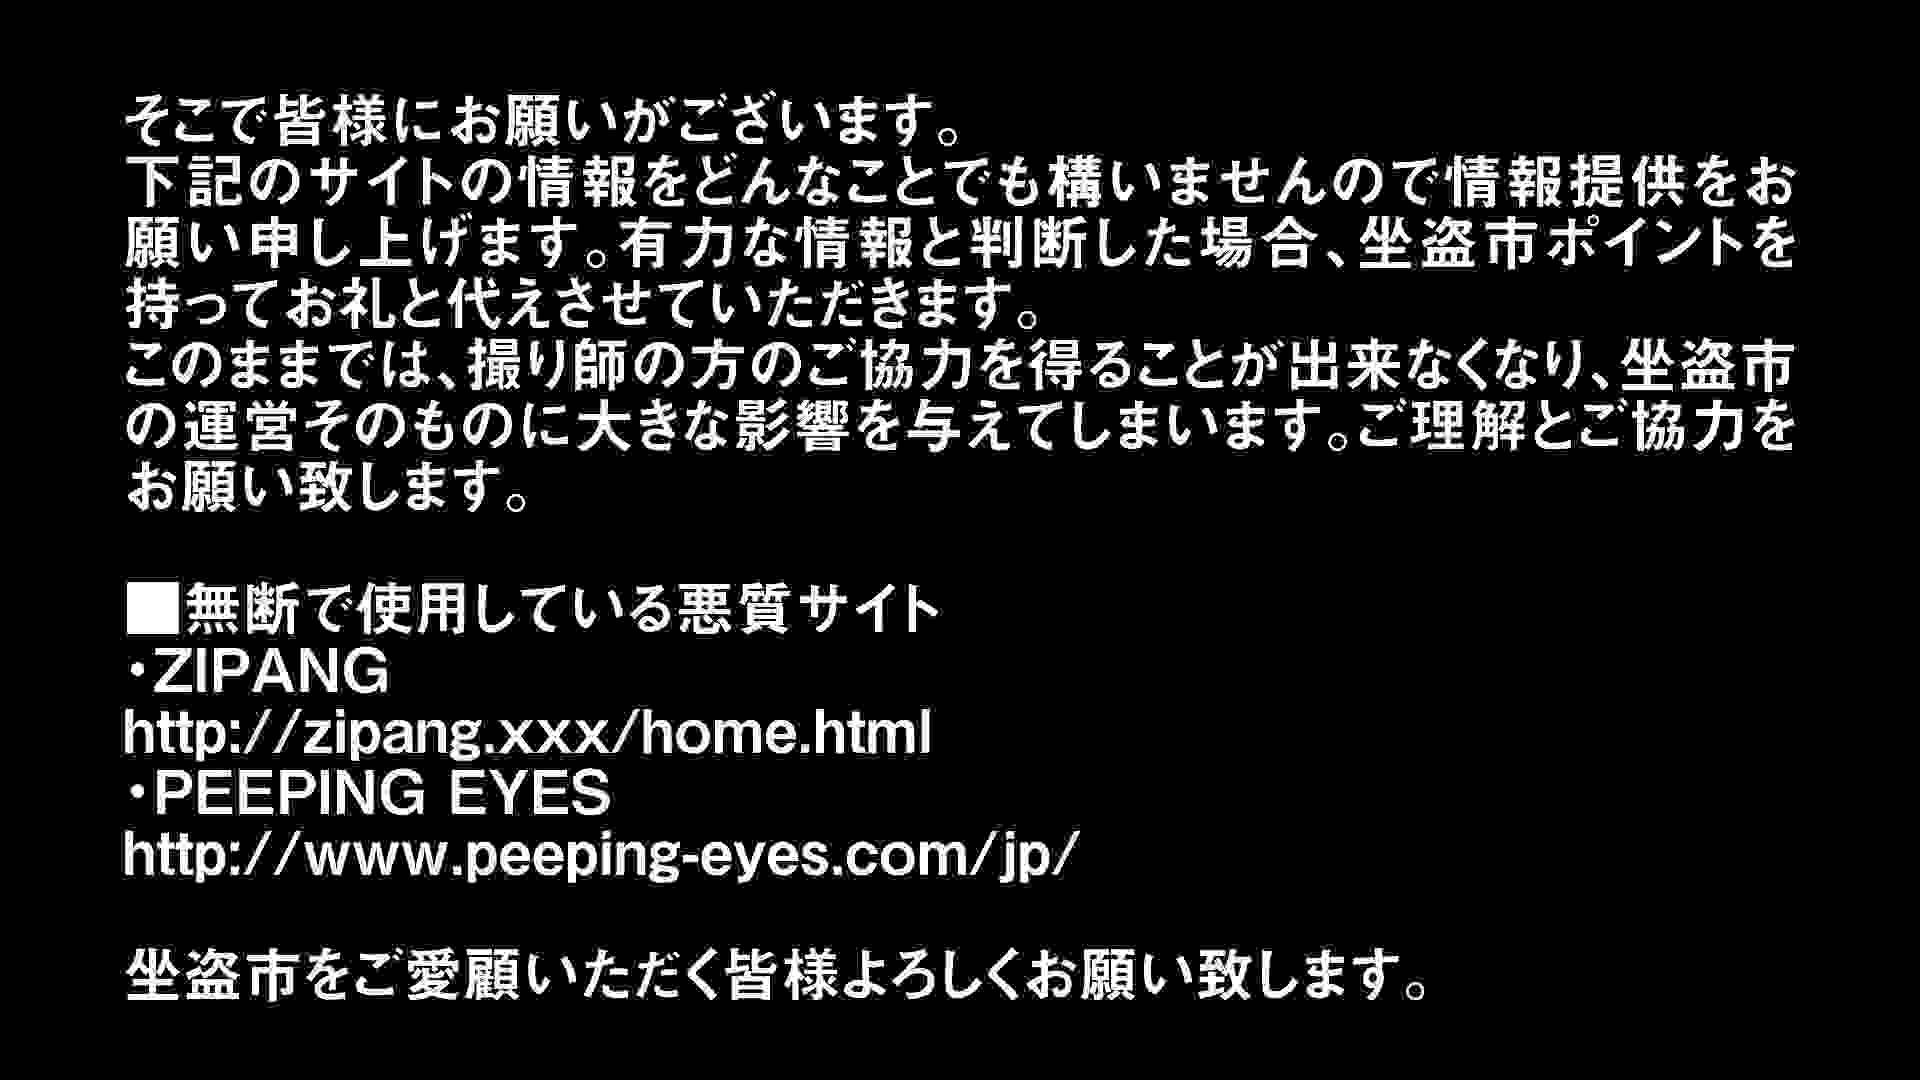 Aquaな露天風呂Vol.294 盗撮 性交動画流出 84枚 29